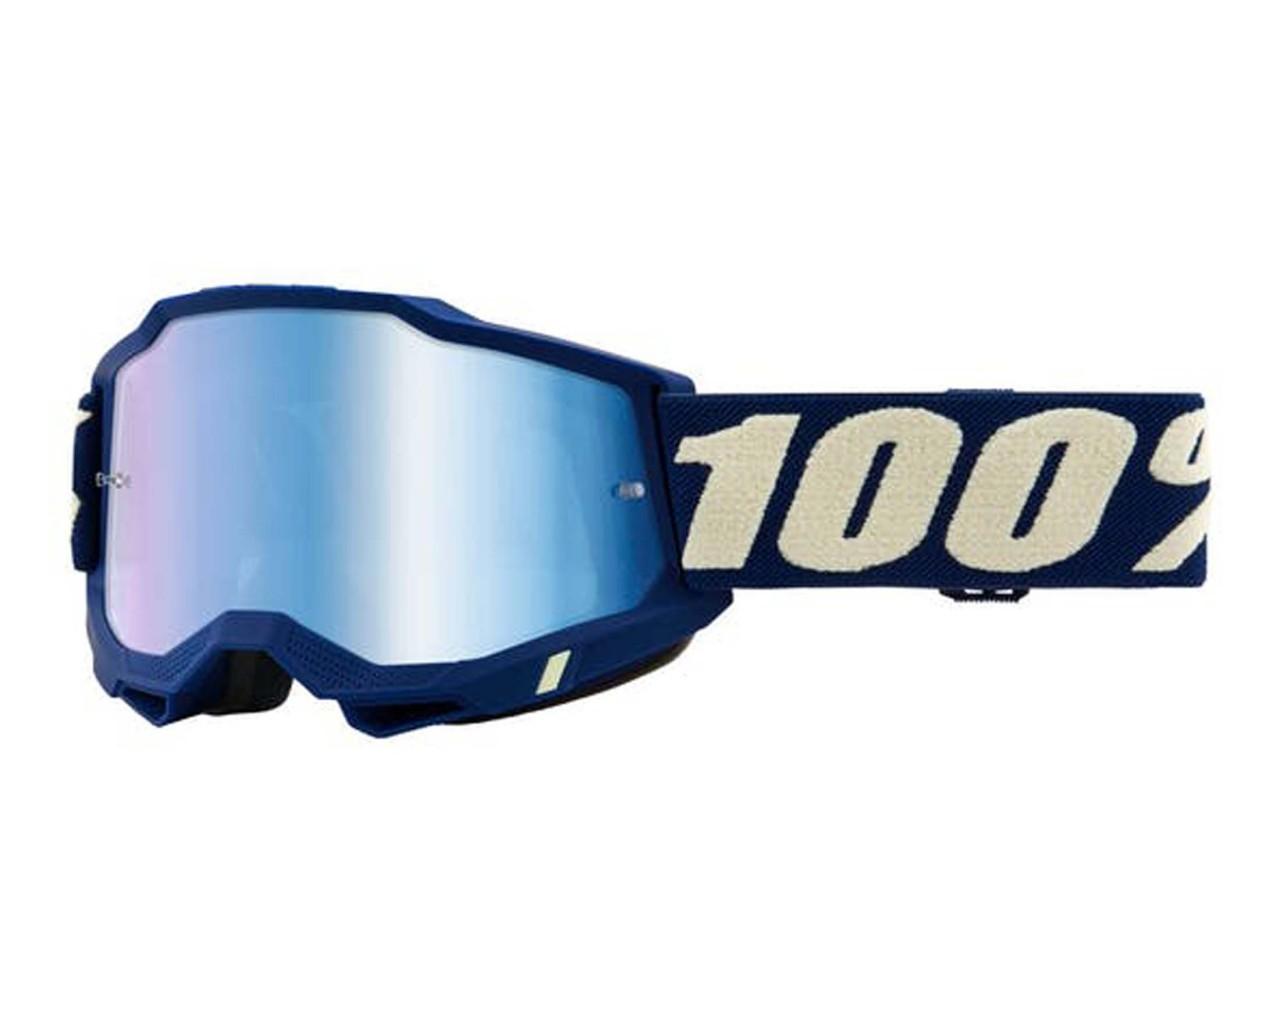 100% Accuri Generation 2 Brille - Antibeschlag und Spiegelglas | Deepmarine